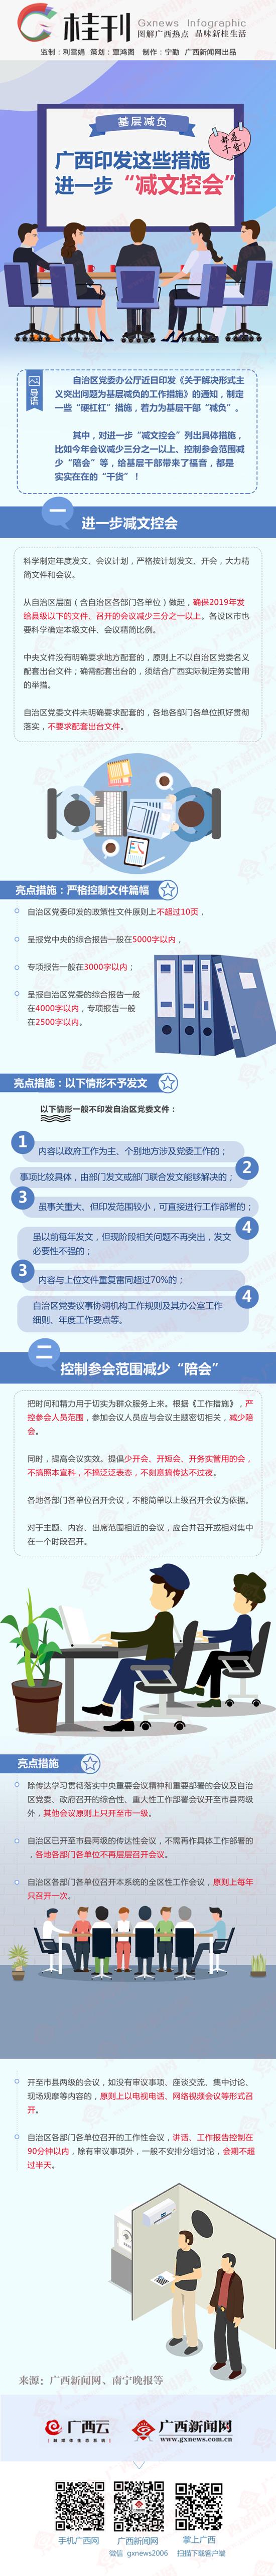 """【桂刊】基层减负!广西印发这些措施进一步""""减文控会"""""""